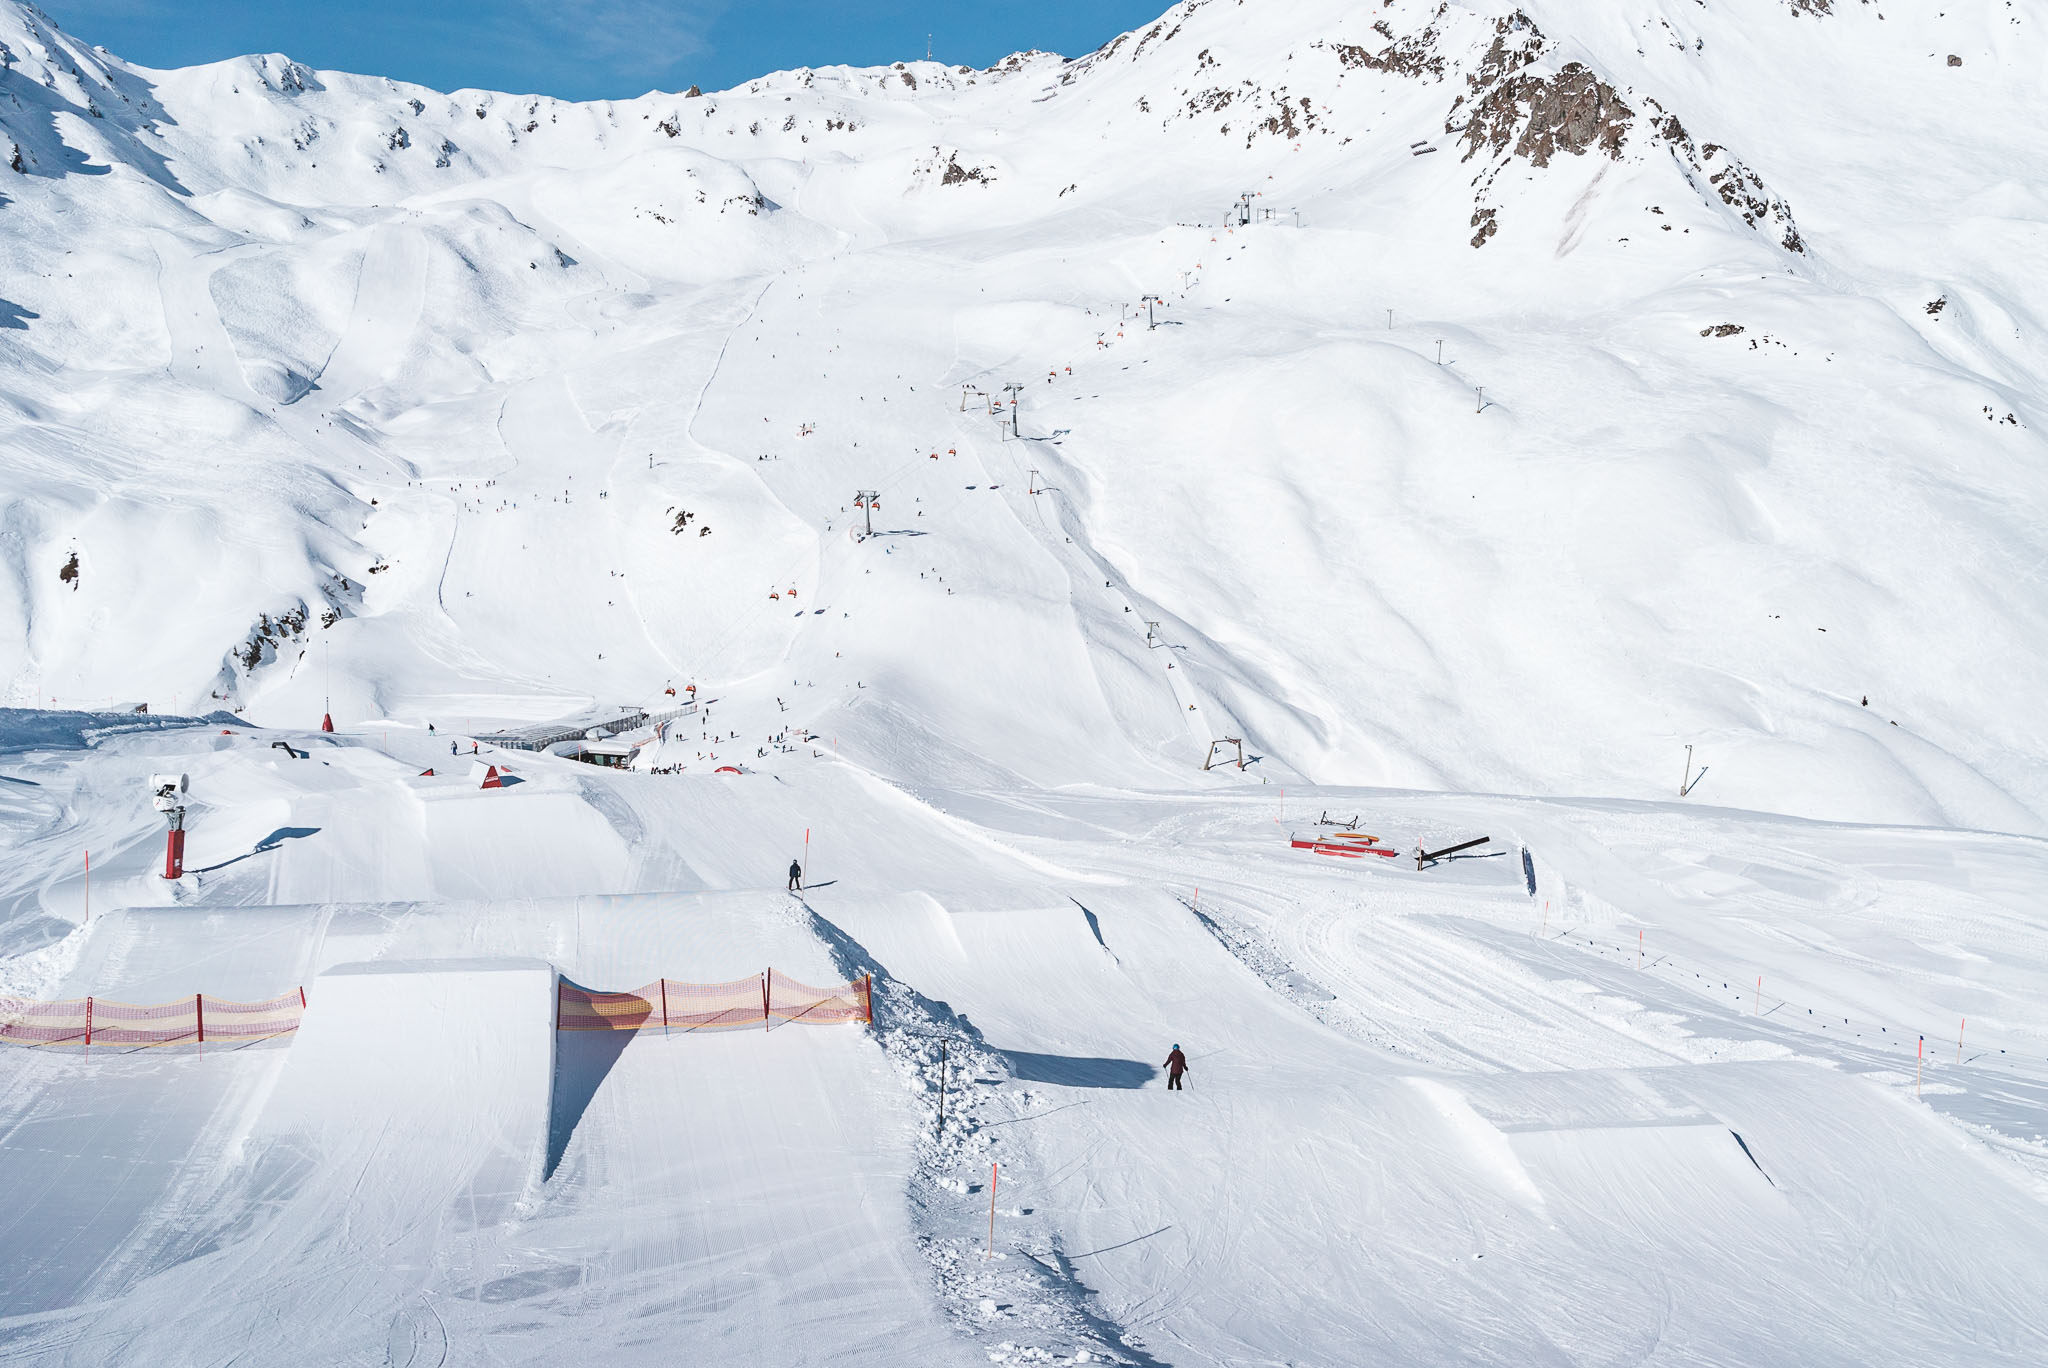 Danach folgt links der aktuell größte Jump im Snowpark Montafon, rechts weitere Easy Roller Kicker.